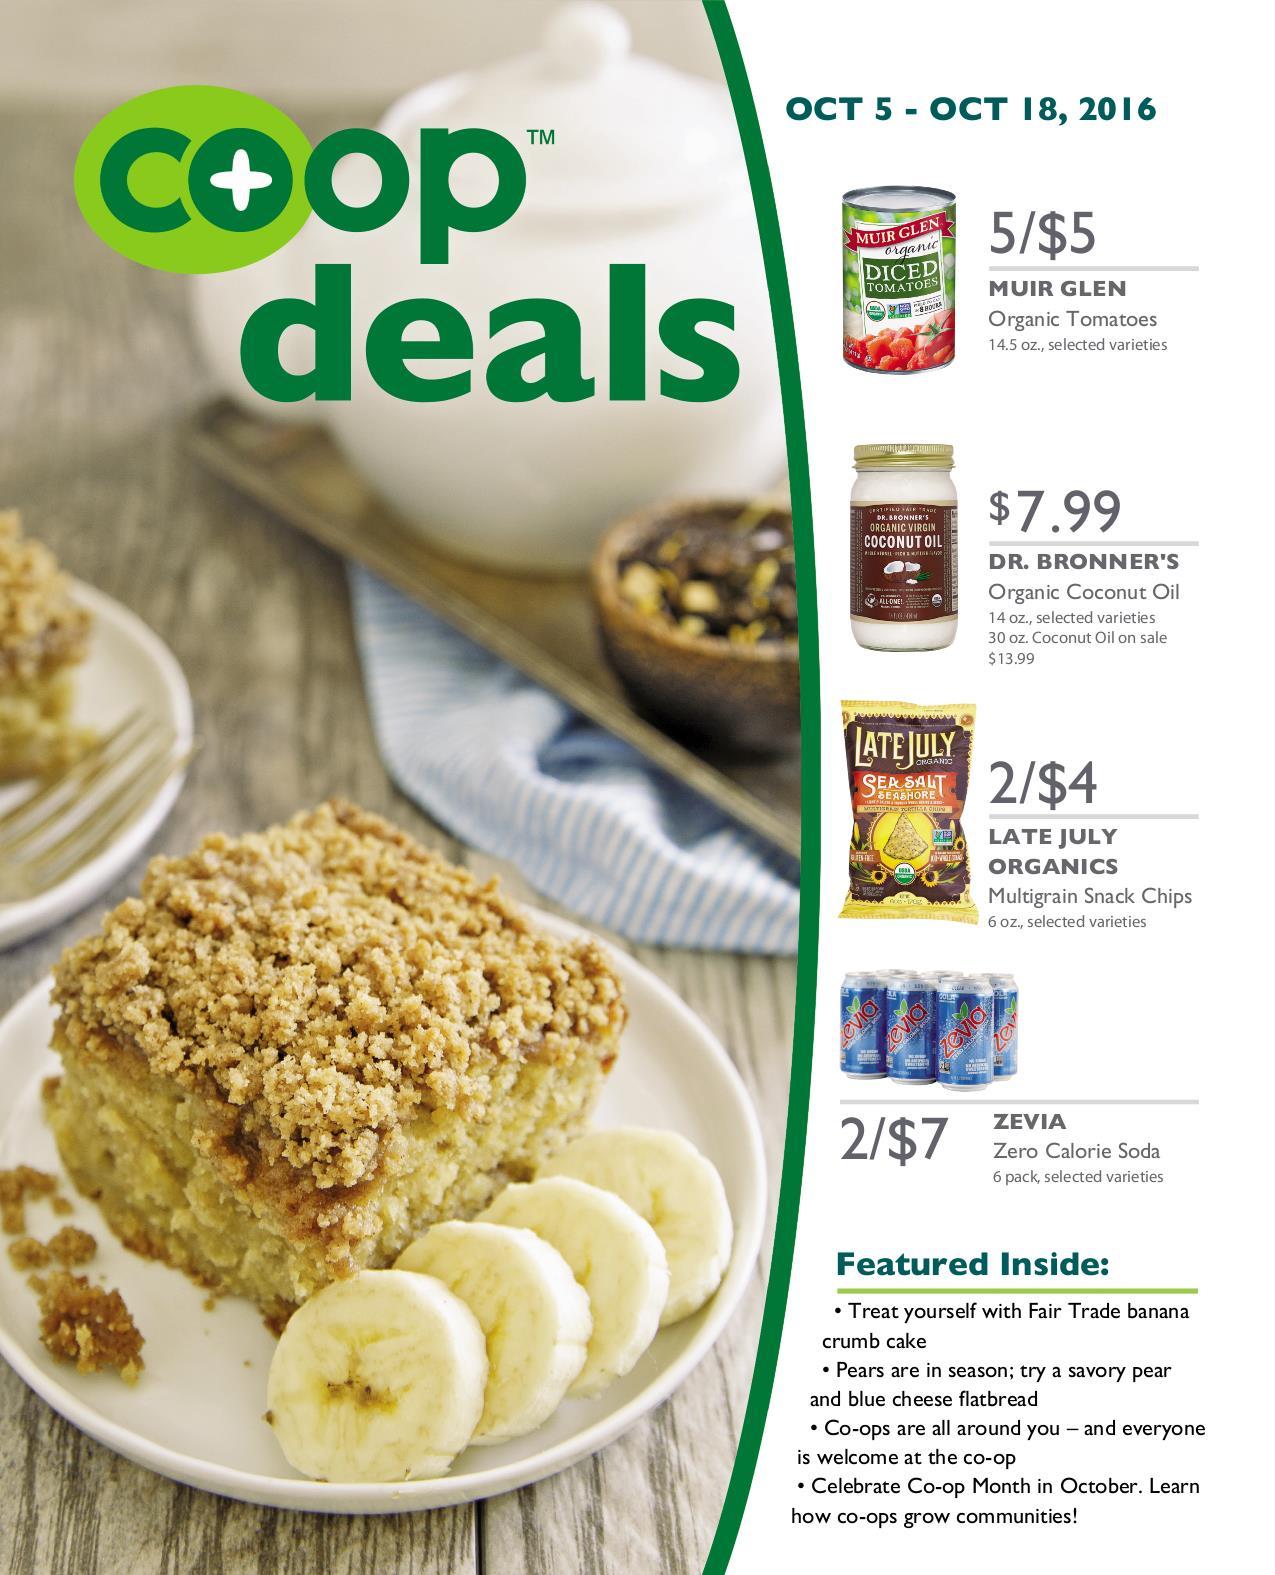 Co+op Deals Oct 2016 Flyer A